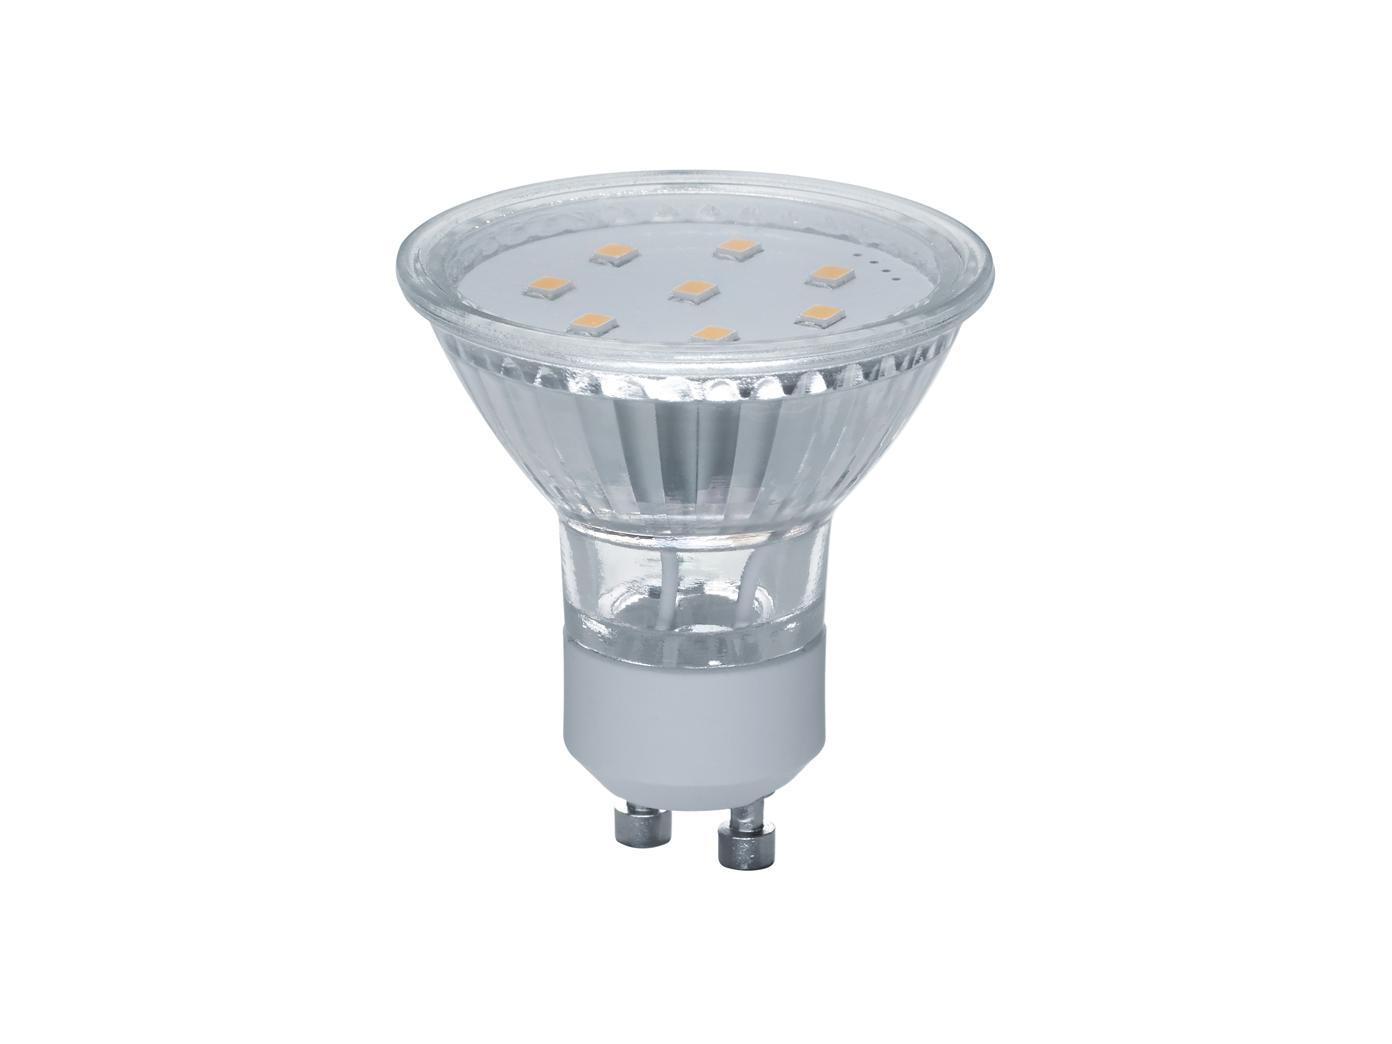 LED Leuchtmittel mit GU10-Fassung /& Switch Dimmer 400lm warmweiß aus Glas 5W